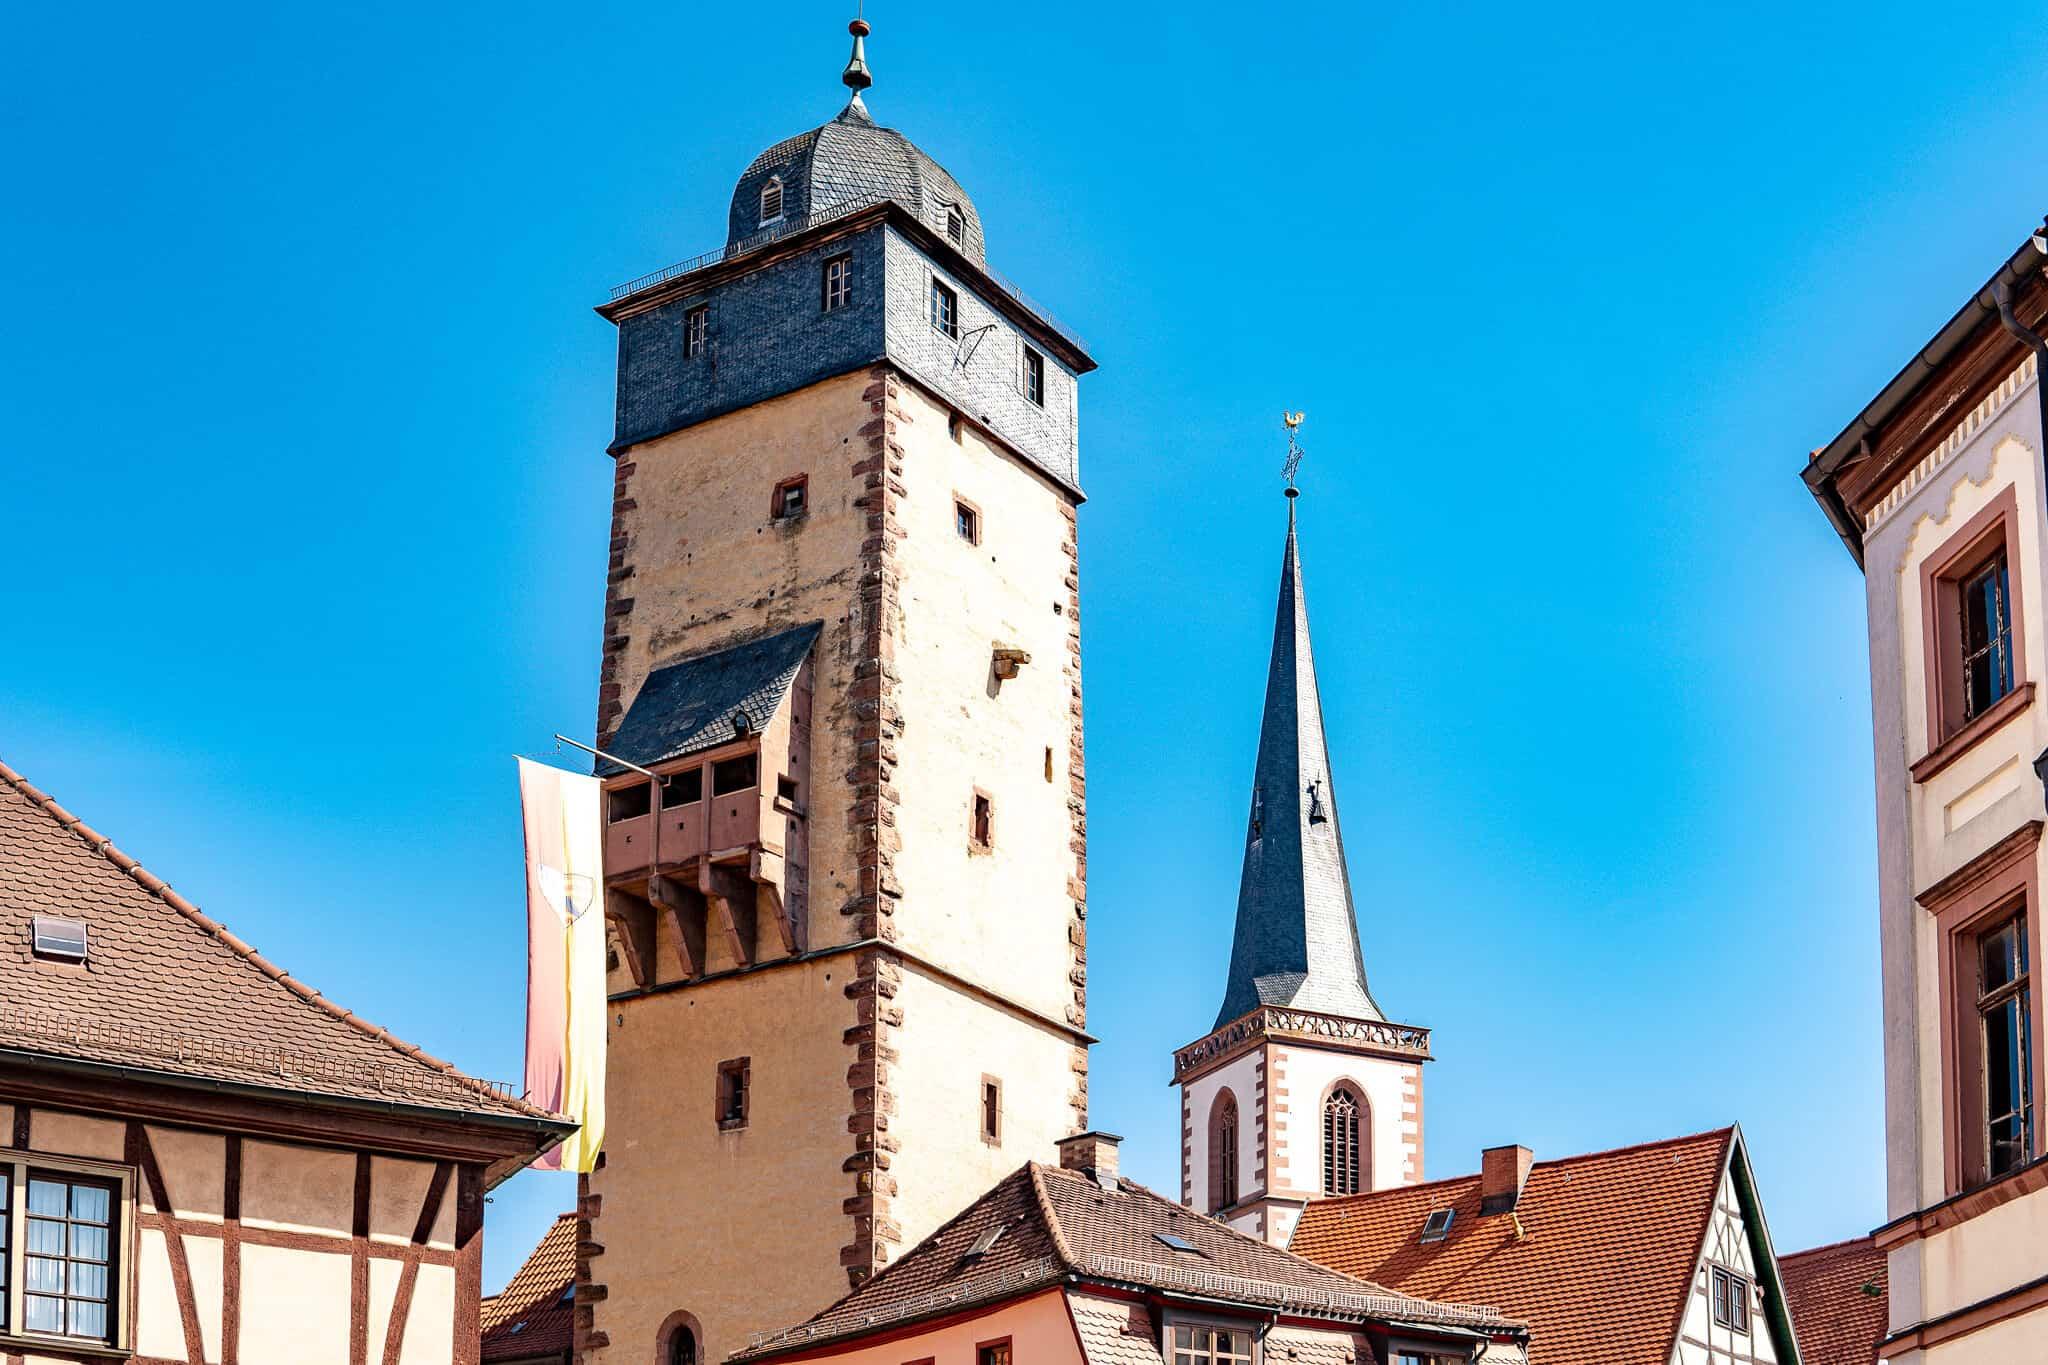 Altstadt Lohr am Main